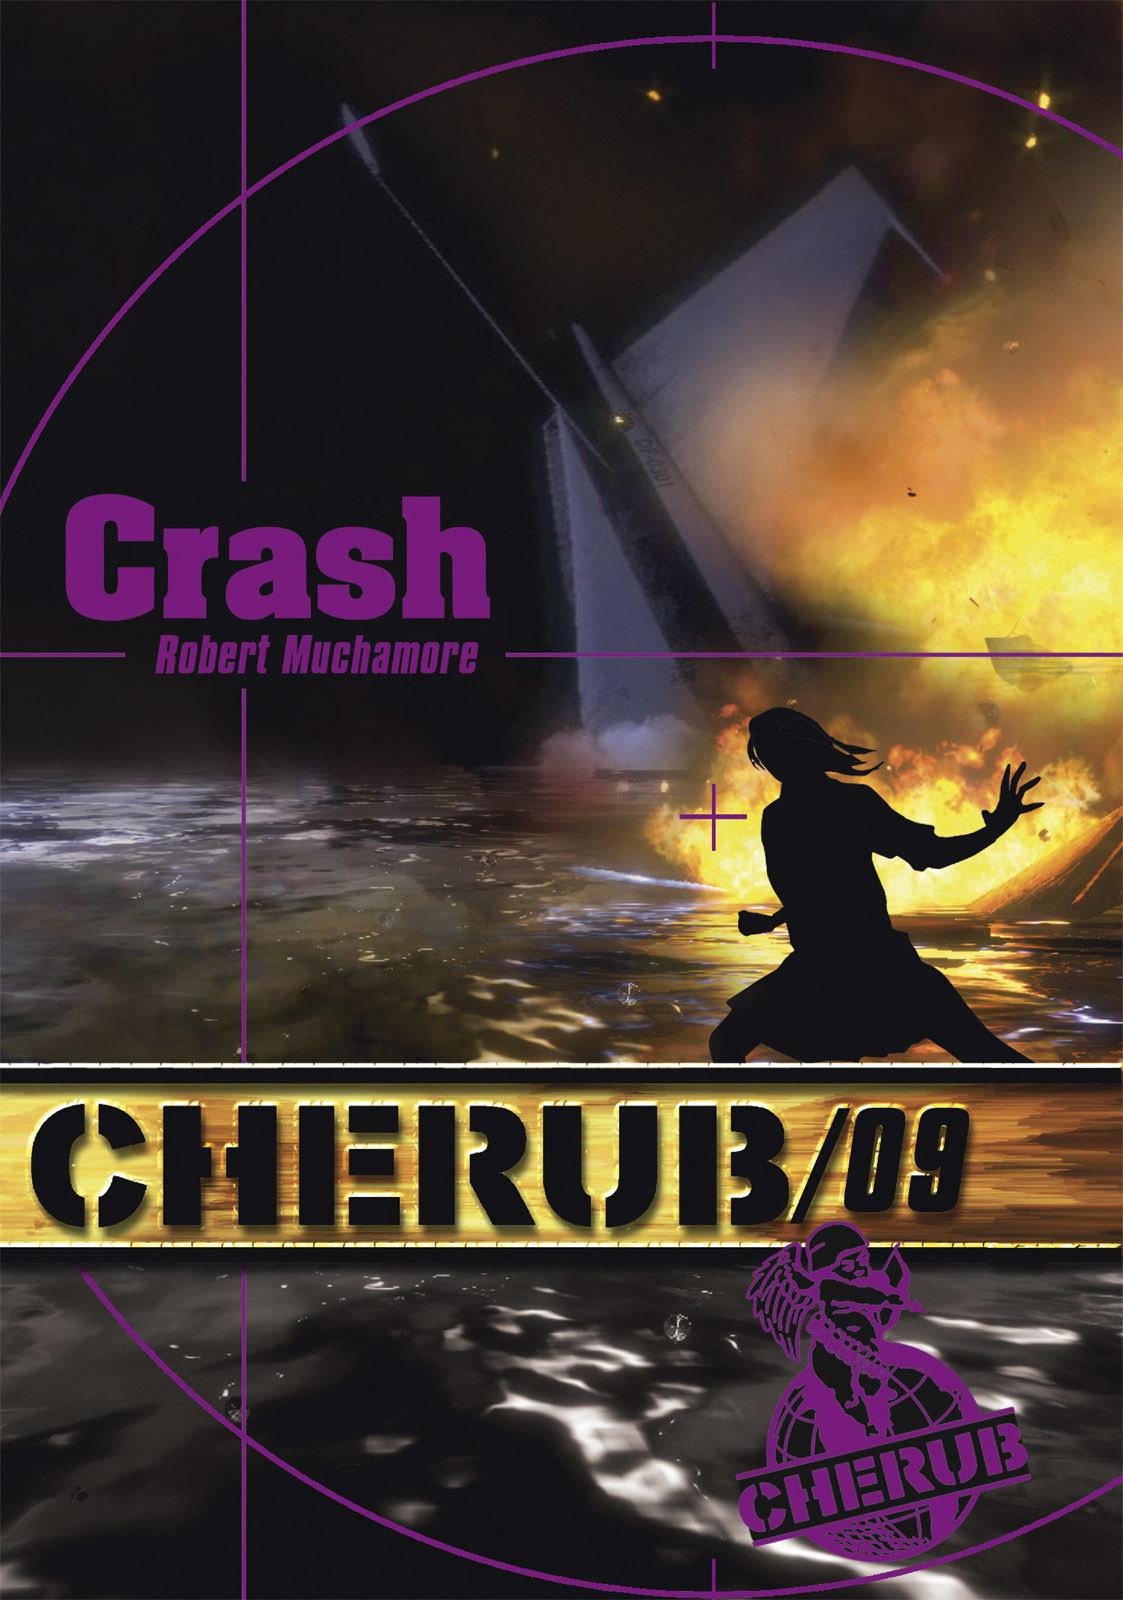 Cherub (Mission 9) - Crash